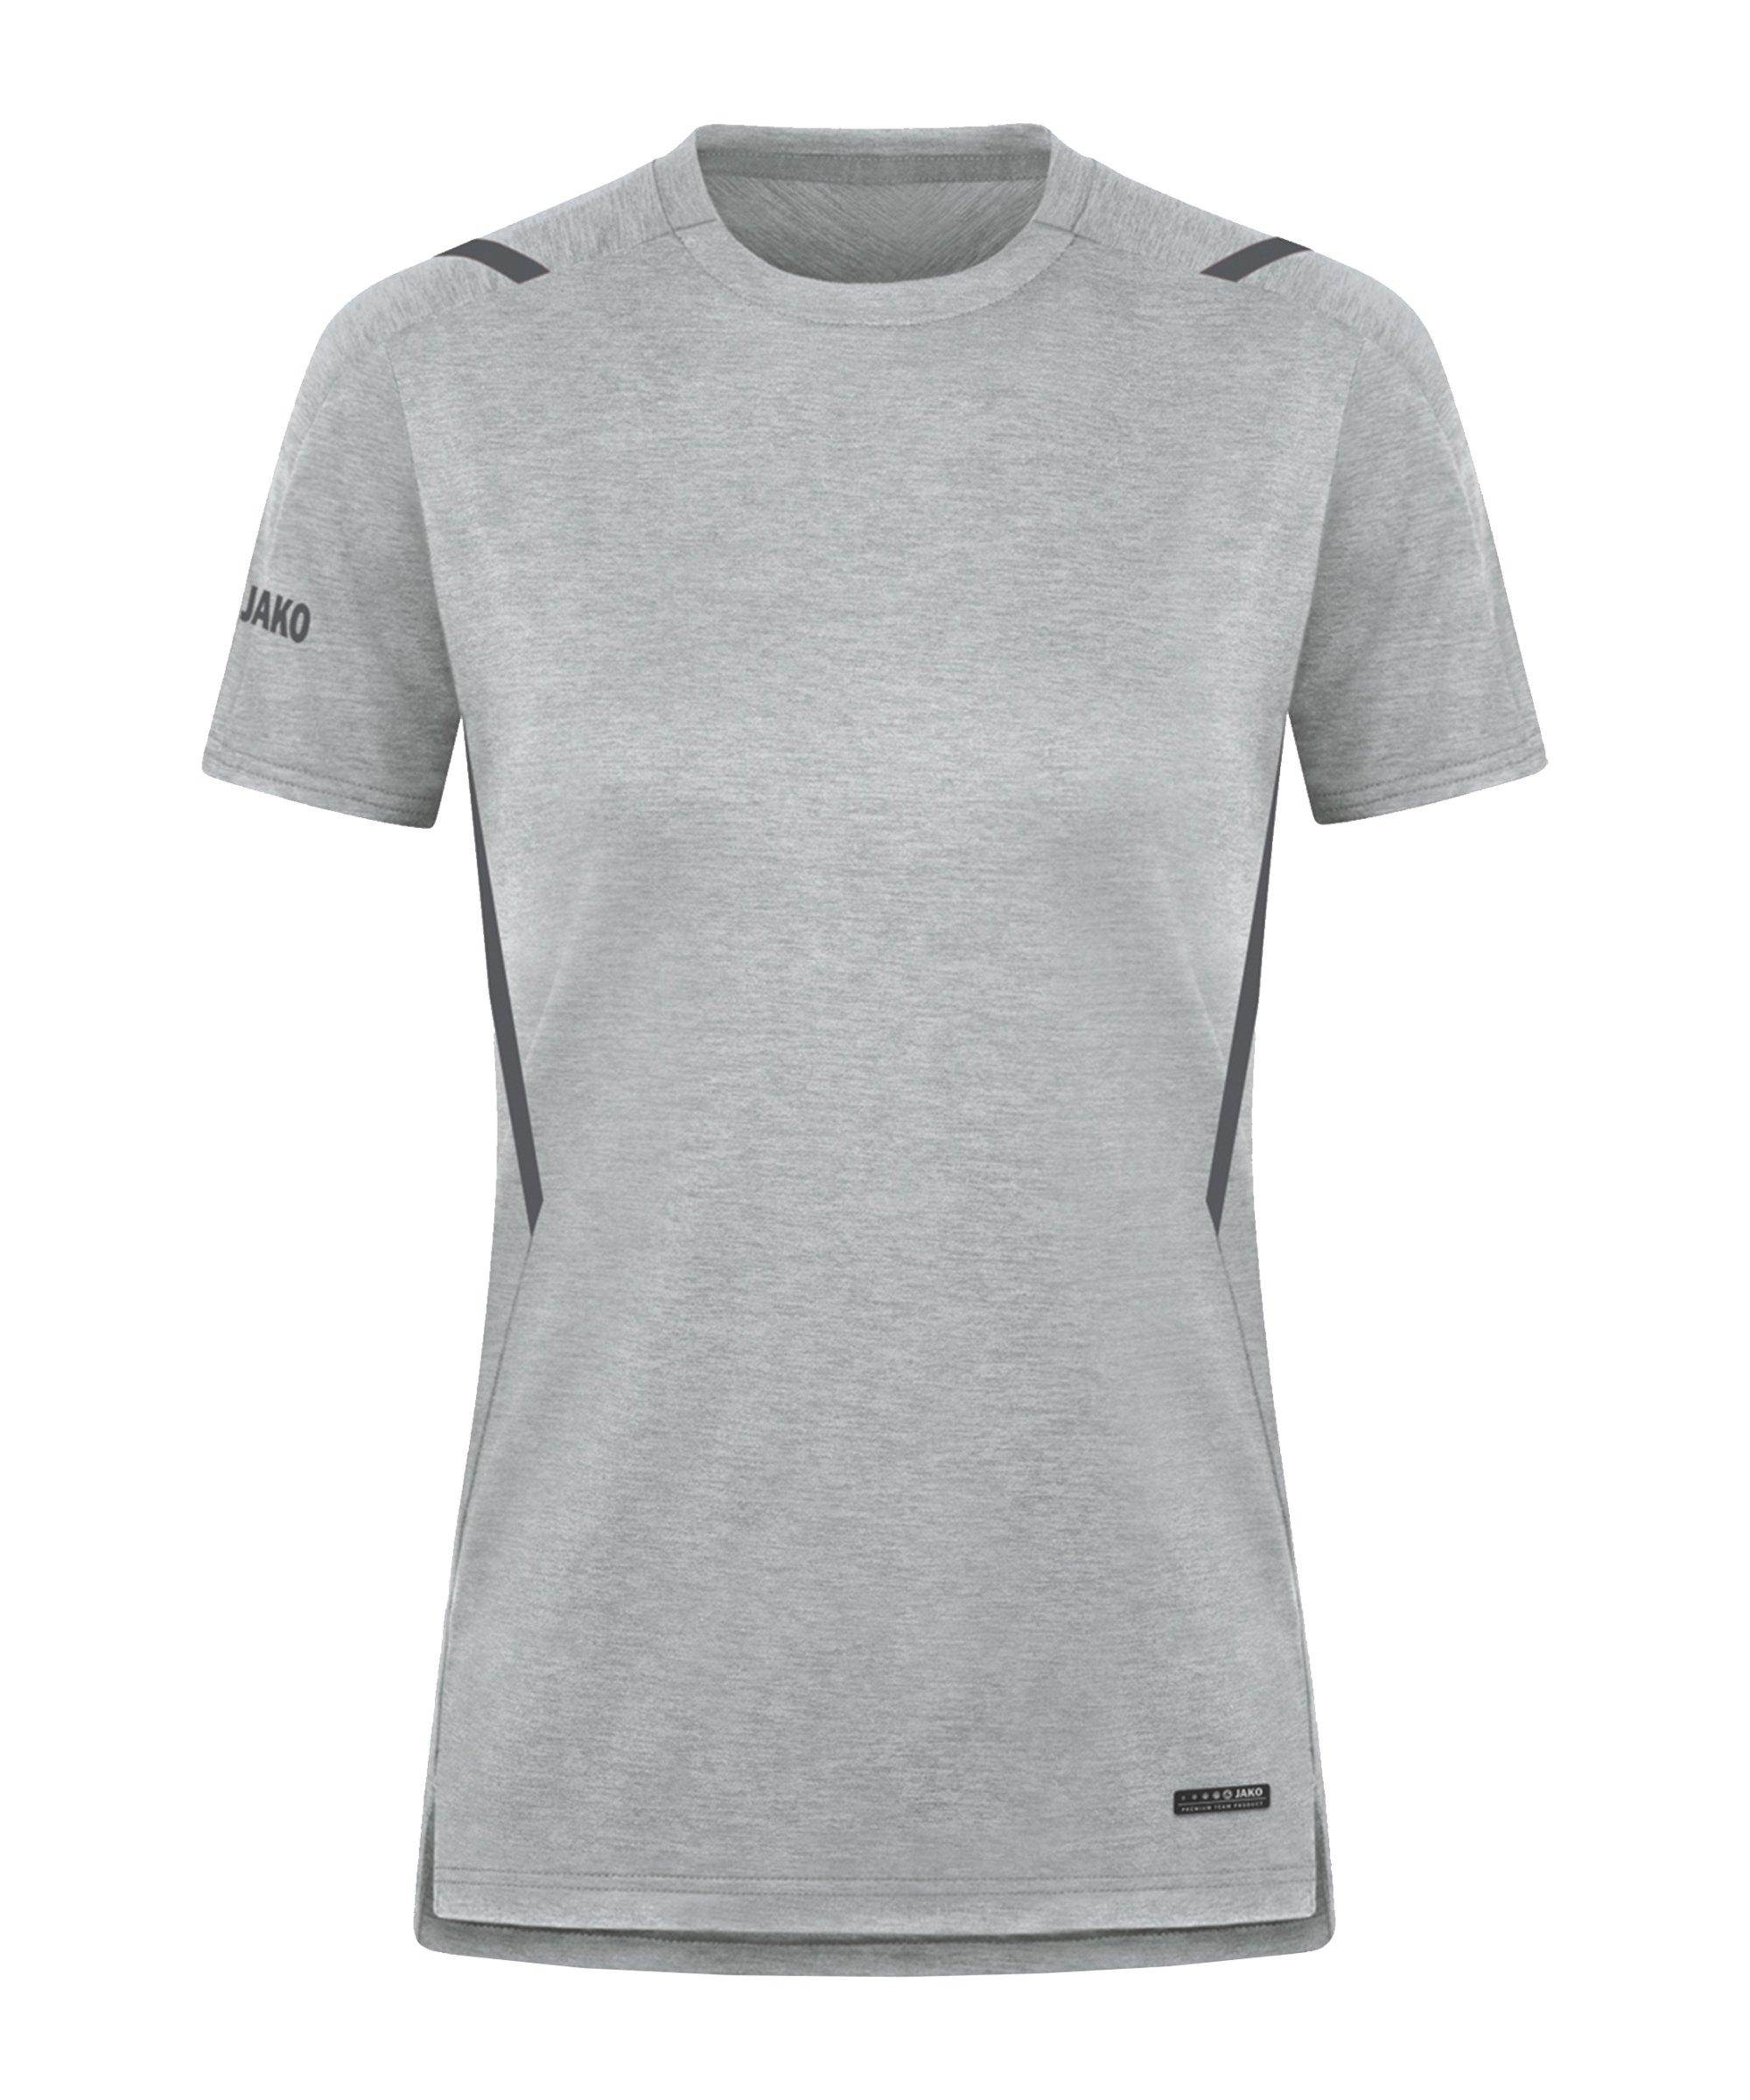 JAKO Challenge Freizeit T-Shirt Damen F521 - grau